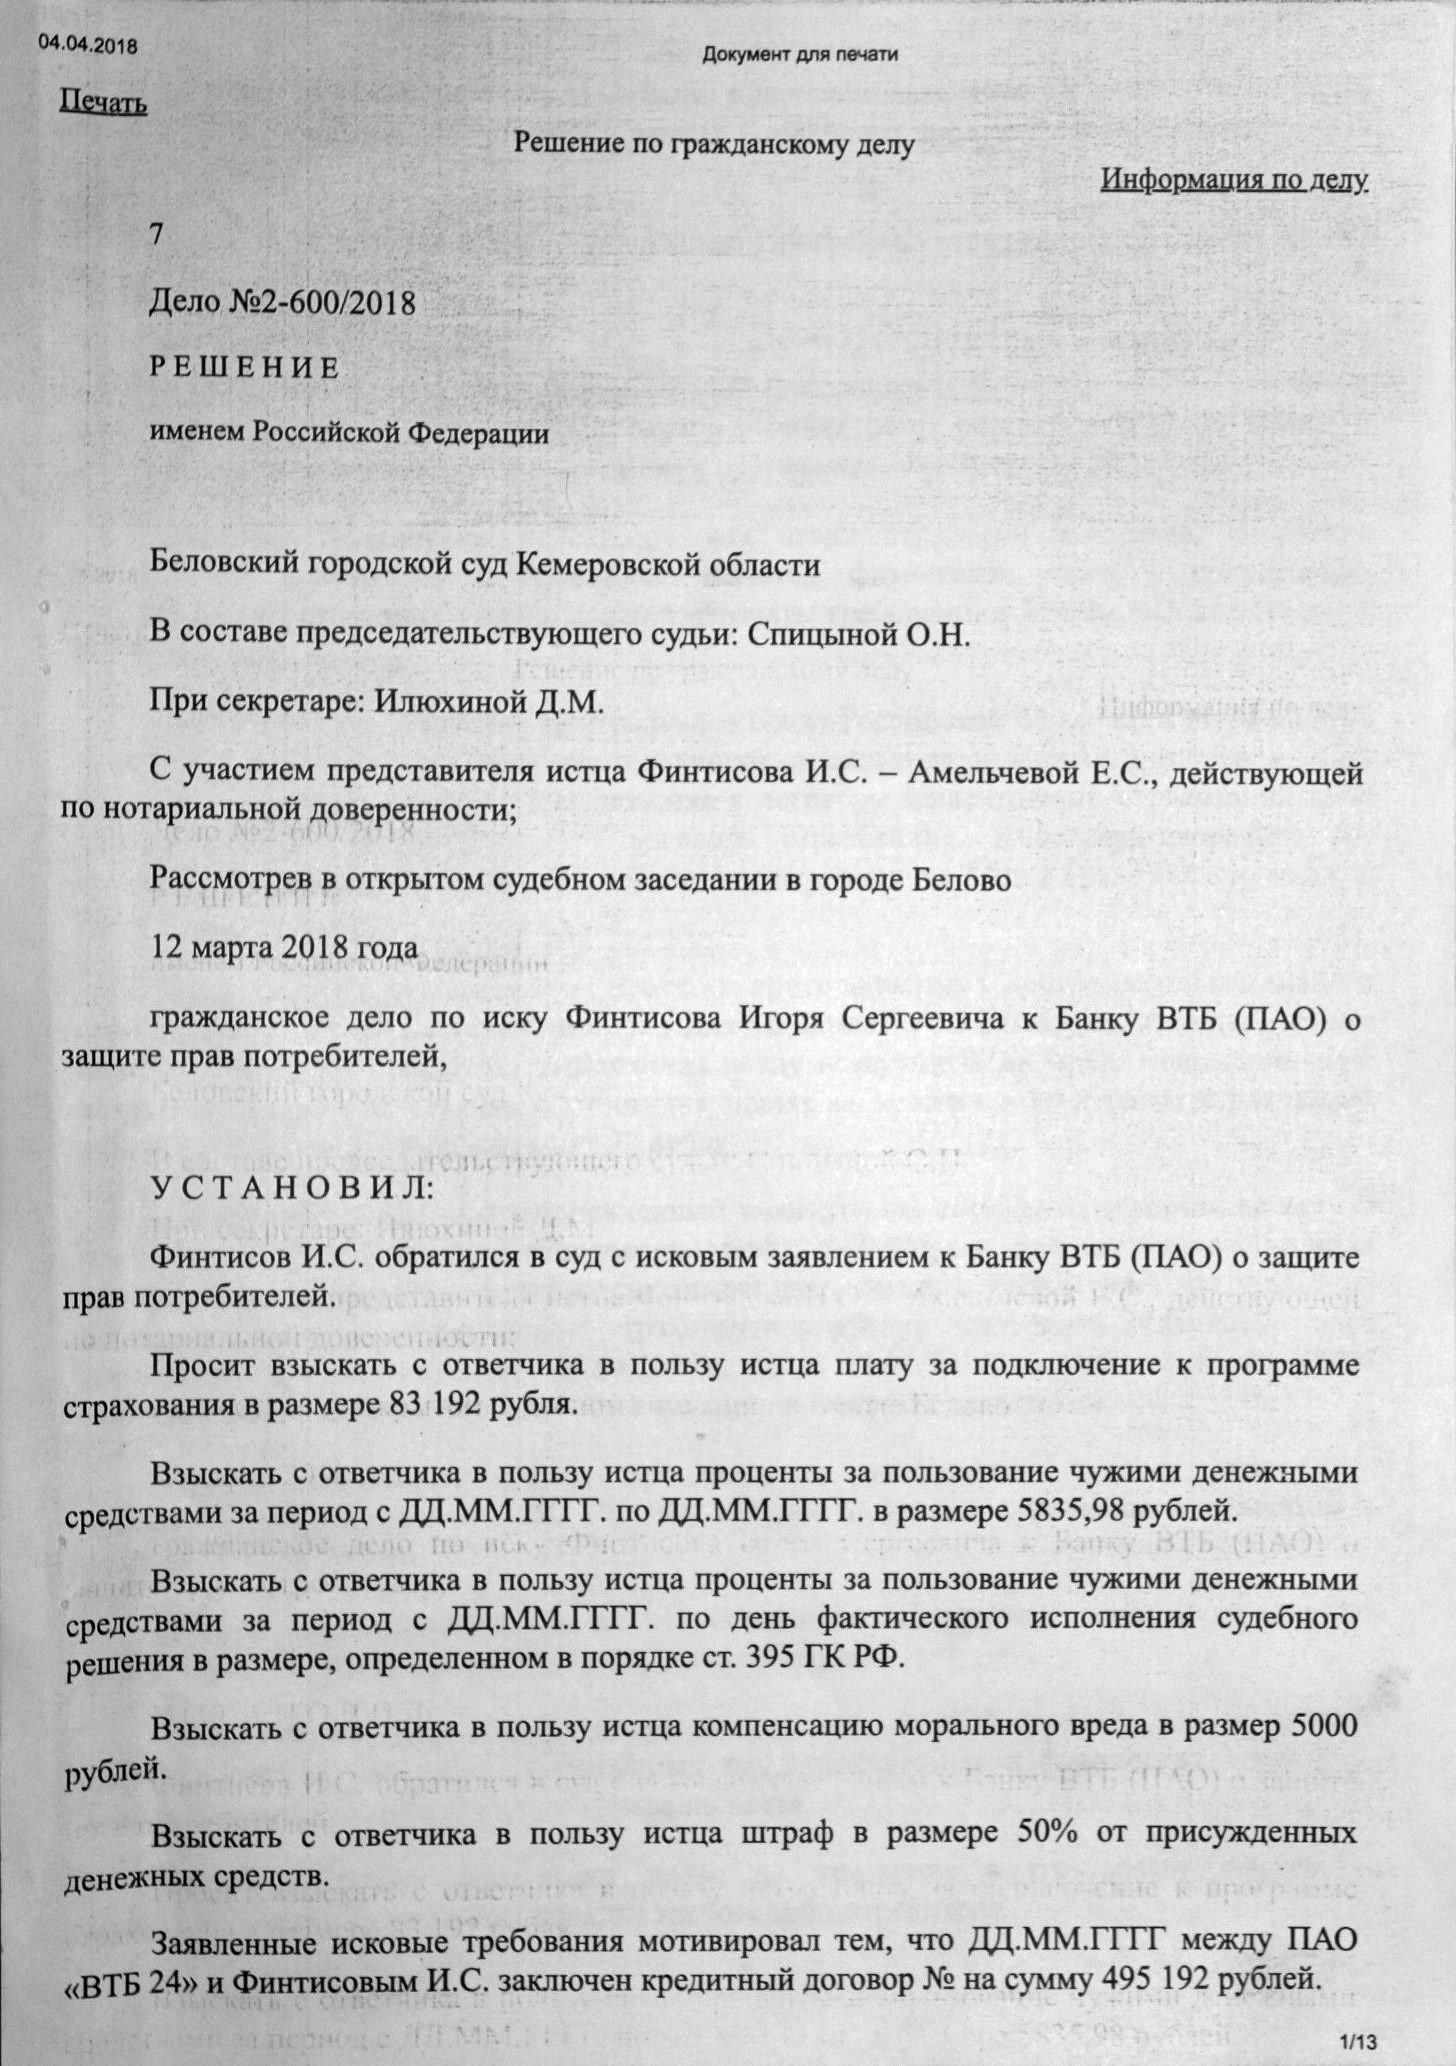 роял кредит банк комсомольск-на-амуре официальный